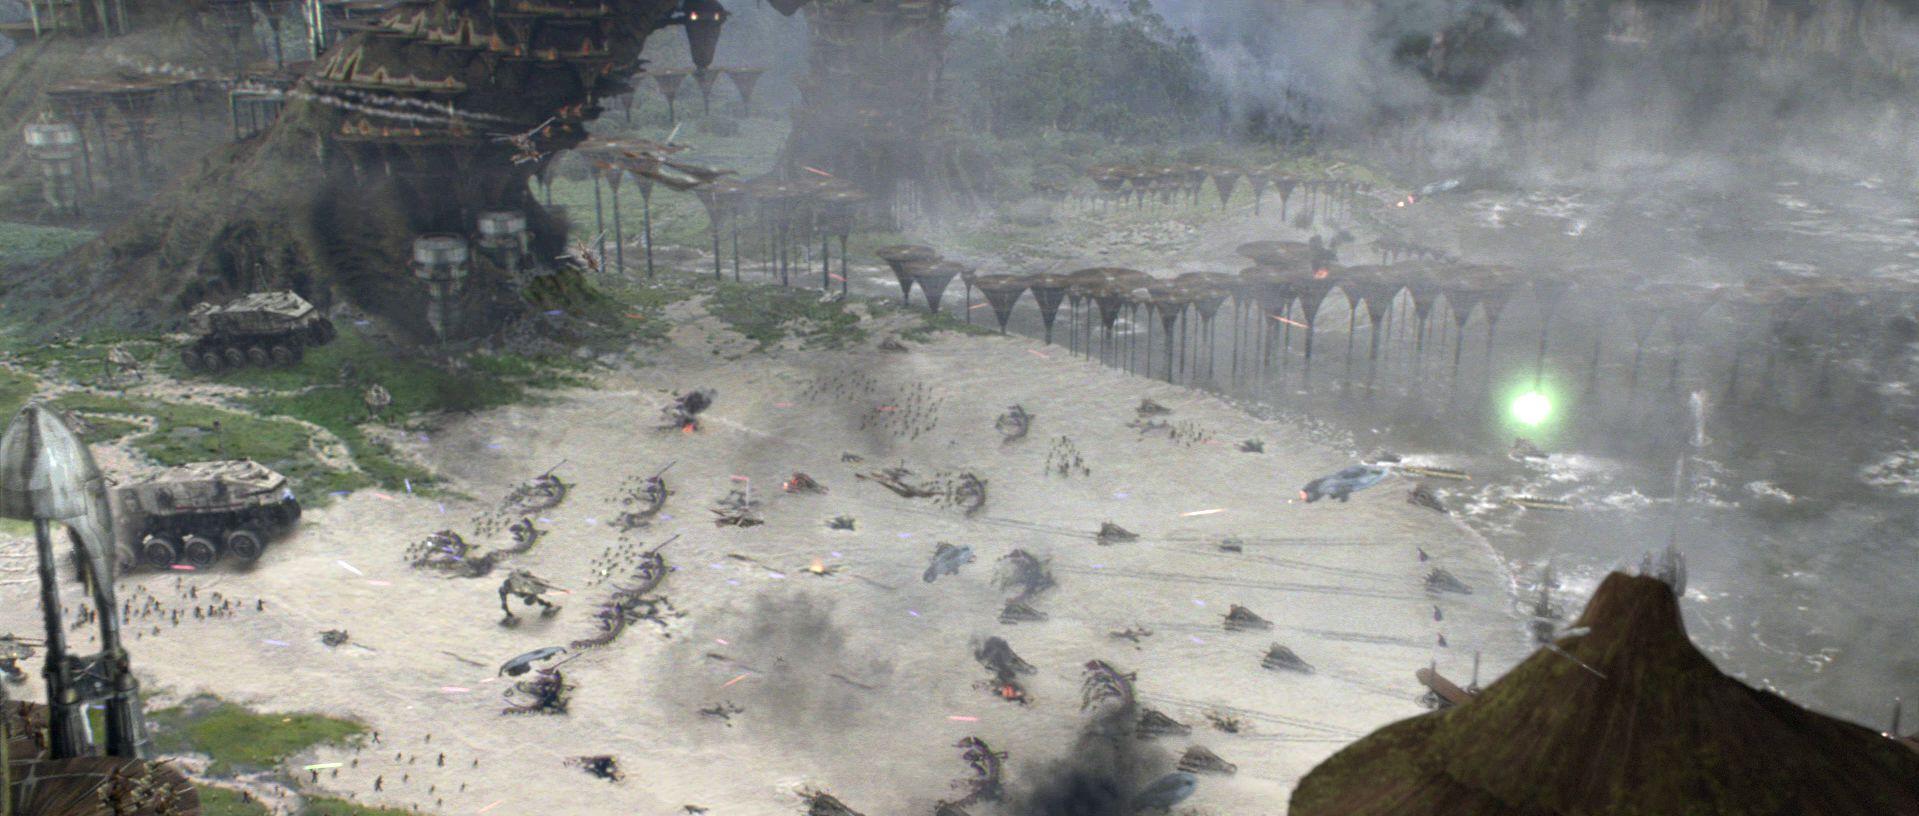 Al mismo tiempo, en Kashyyyk, un gran batalla se libra. Yoda no es el única Jedi en la batalla.¿Qué otros maestros/a participan?